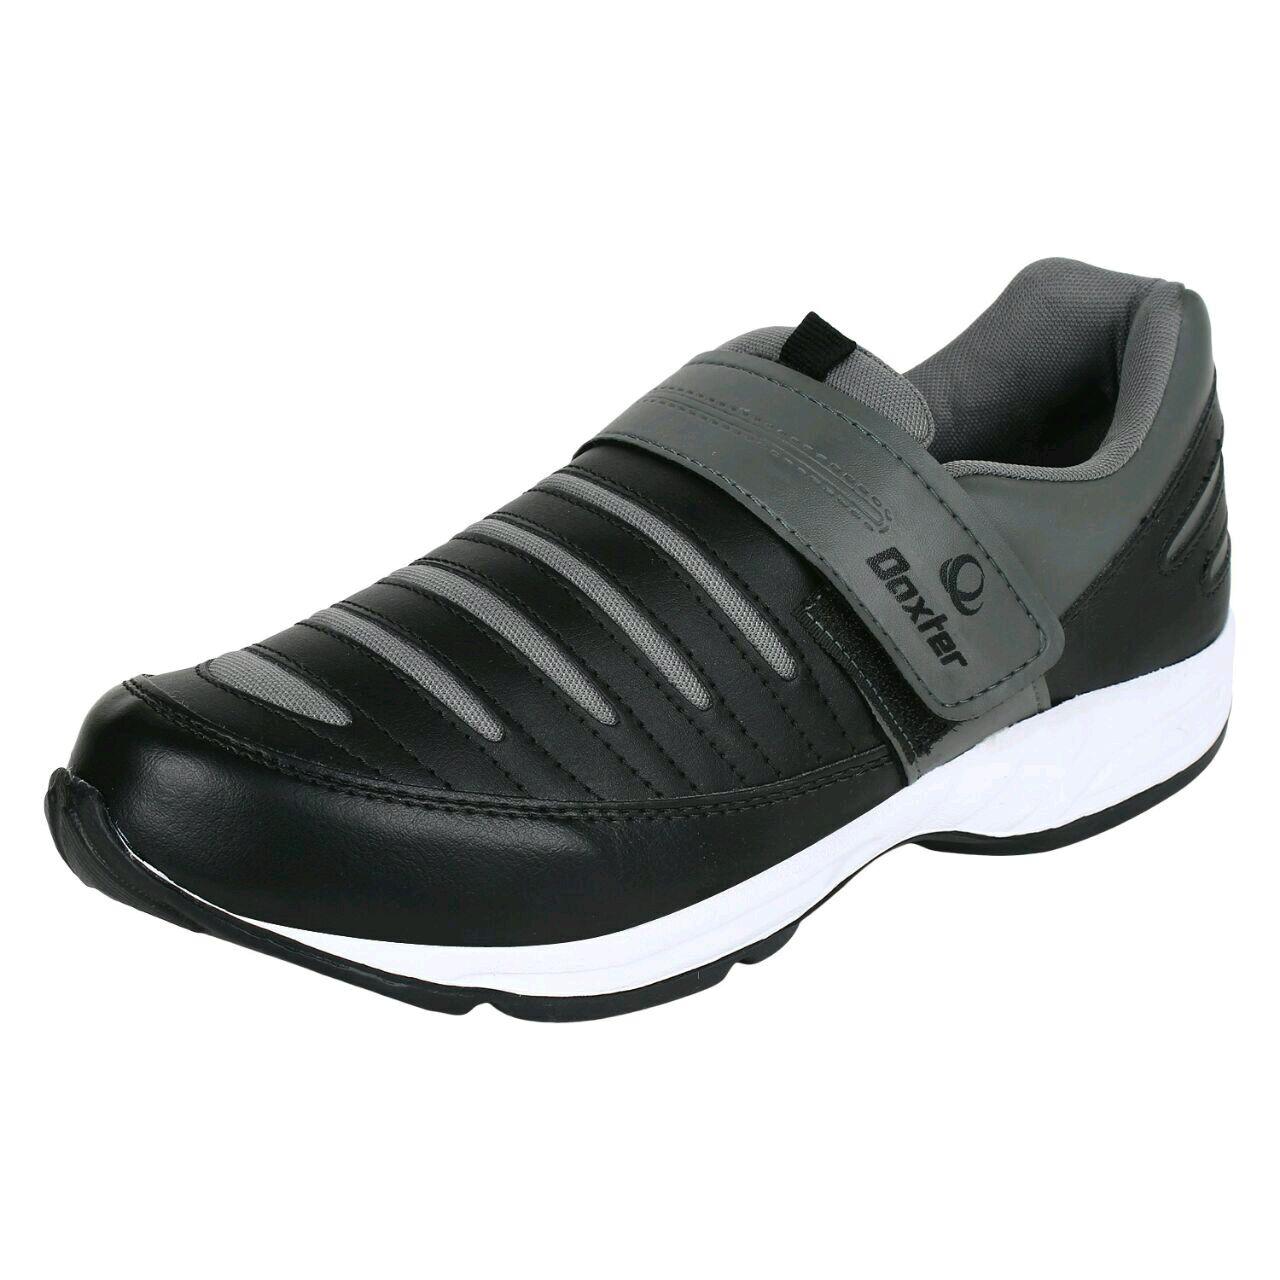 dhrouvfootwear Doxter